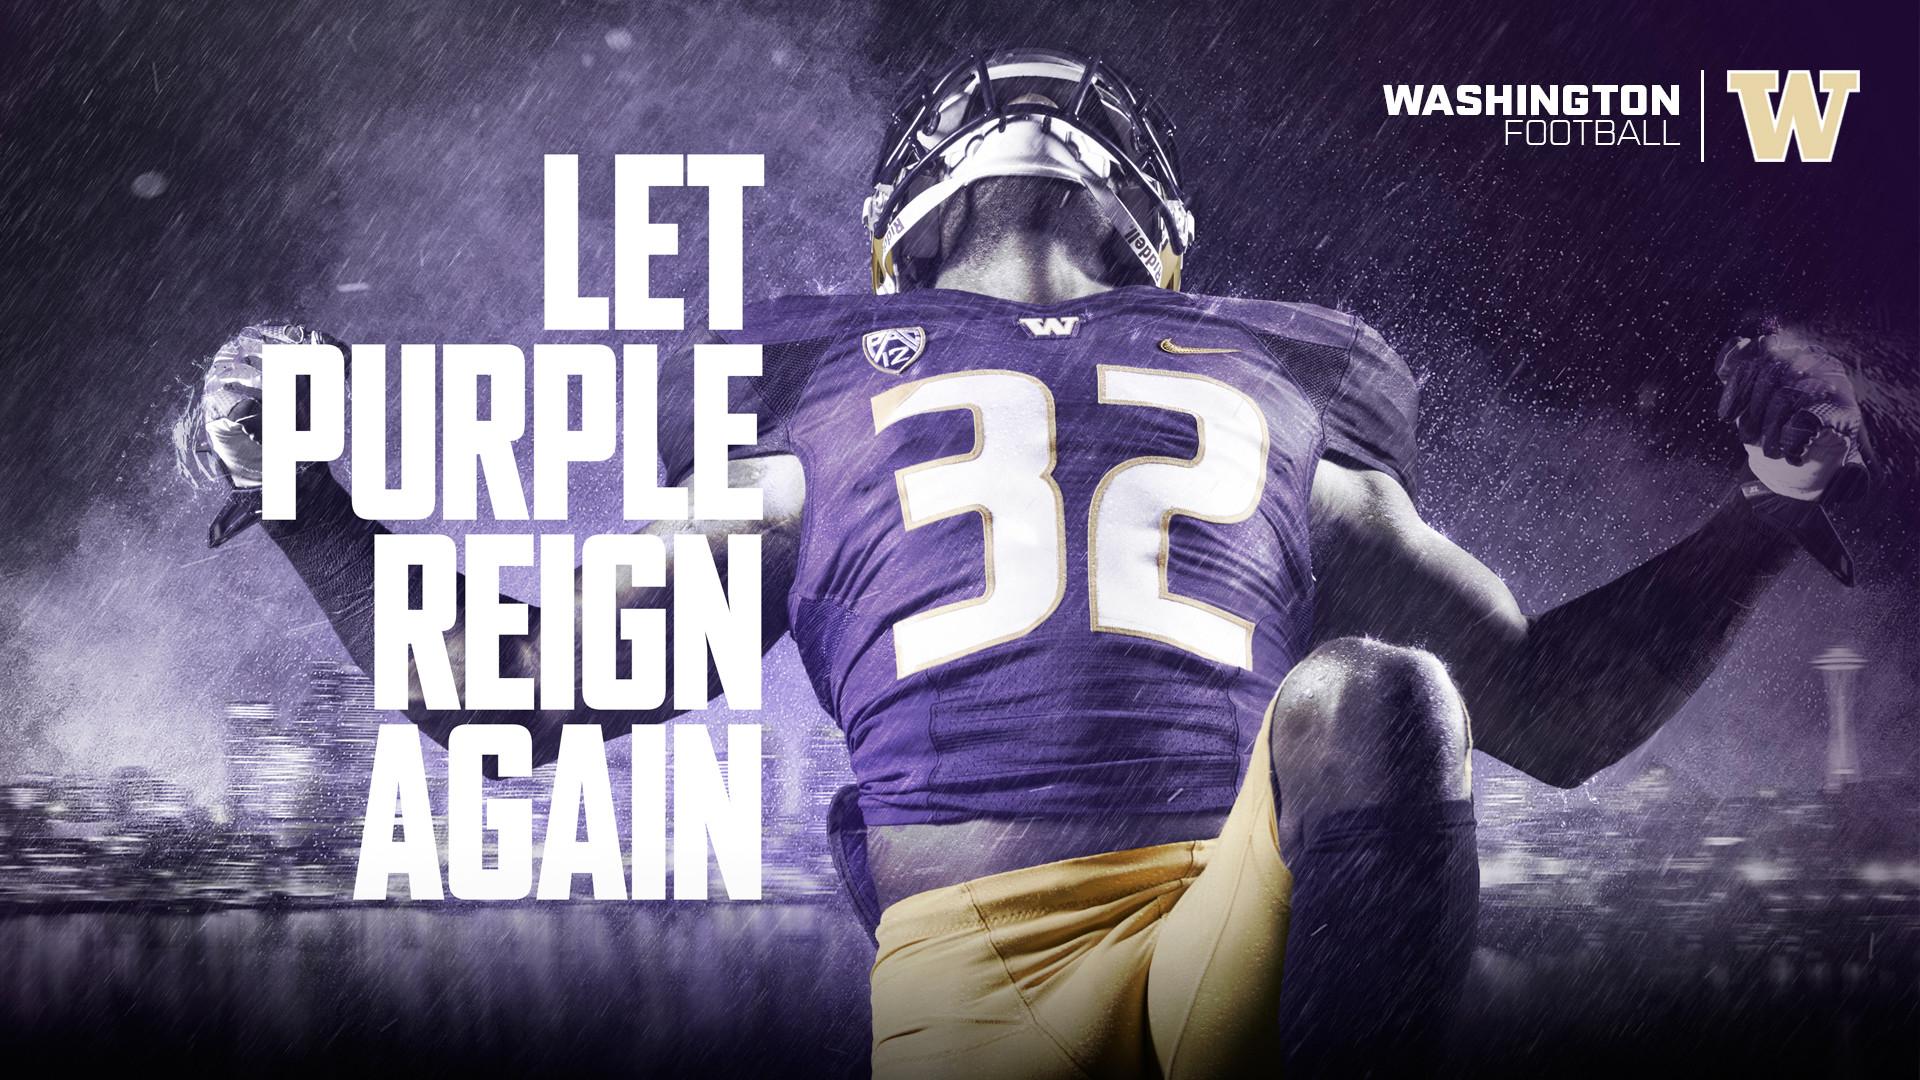 Let Purple Reign Again